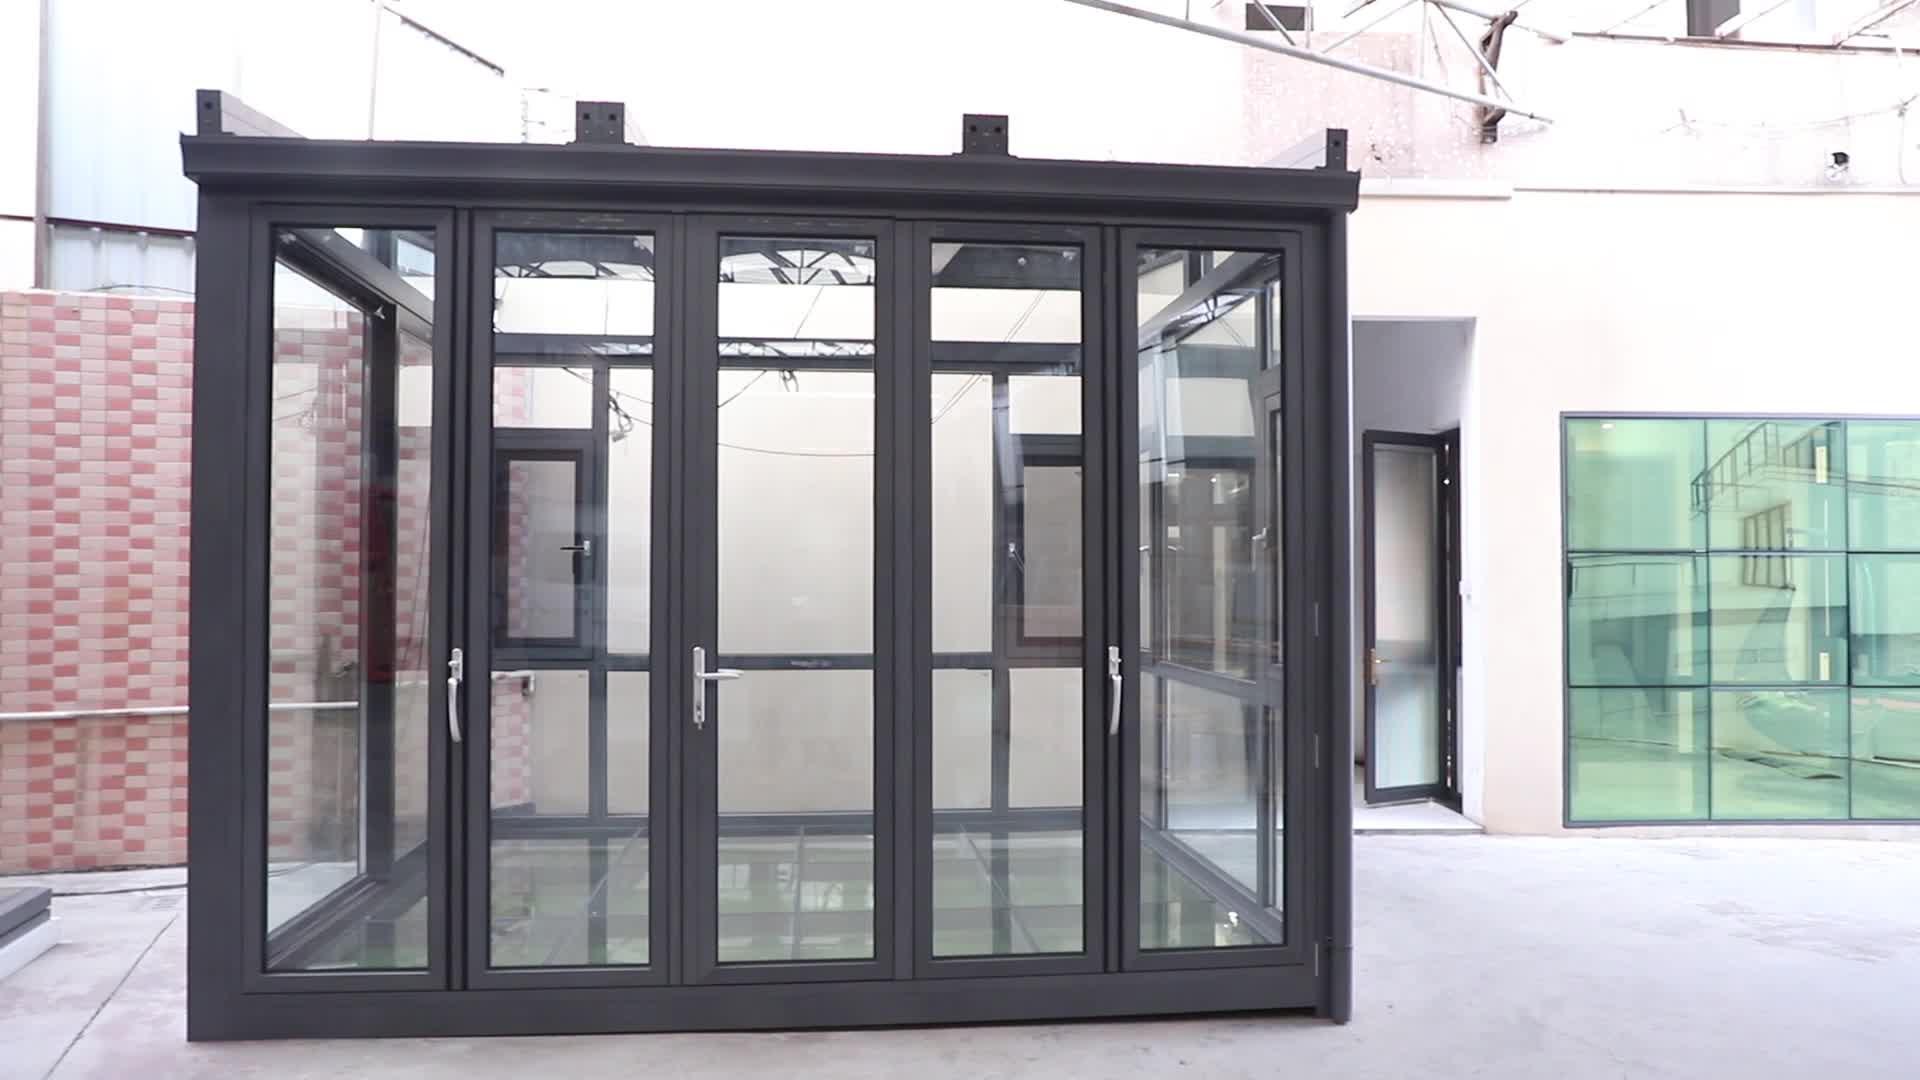 מודרני בית חלון עיצוב 6mm זכוכית כהה שמות של אלומיניום פרופיל windows גודל מותאם אישית מיאנמר אלומיניום חלון